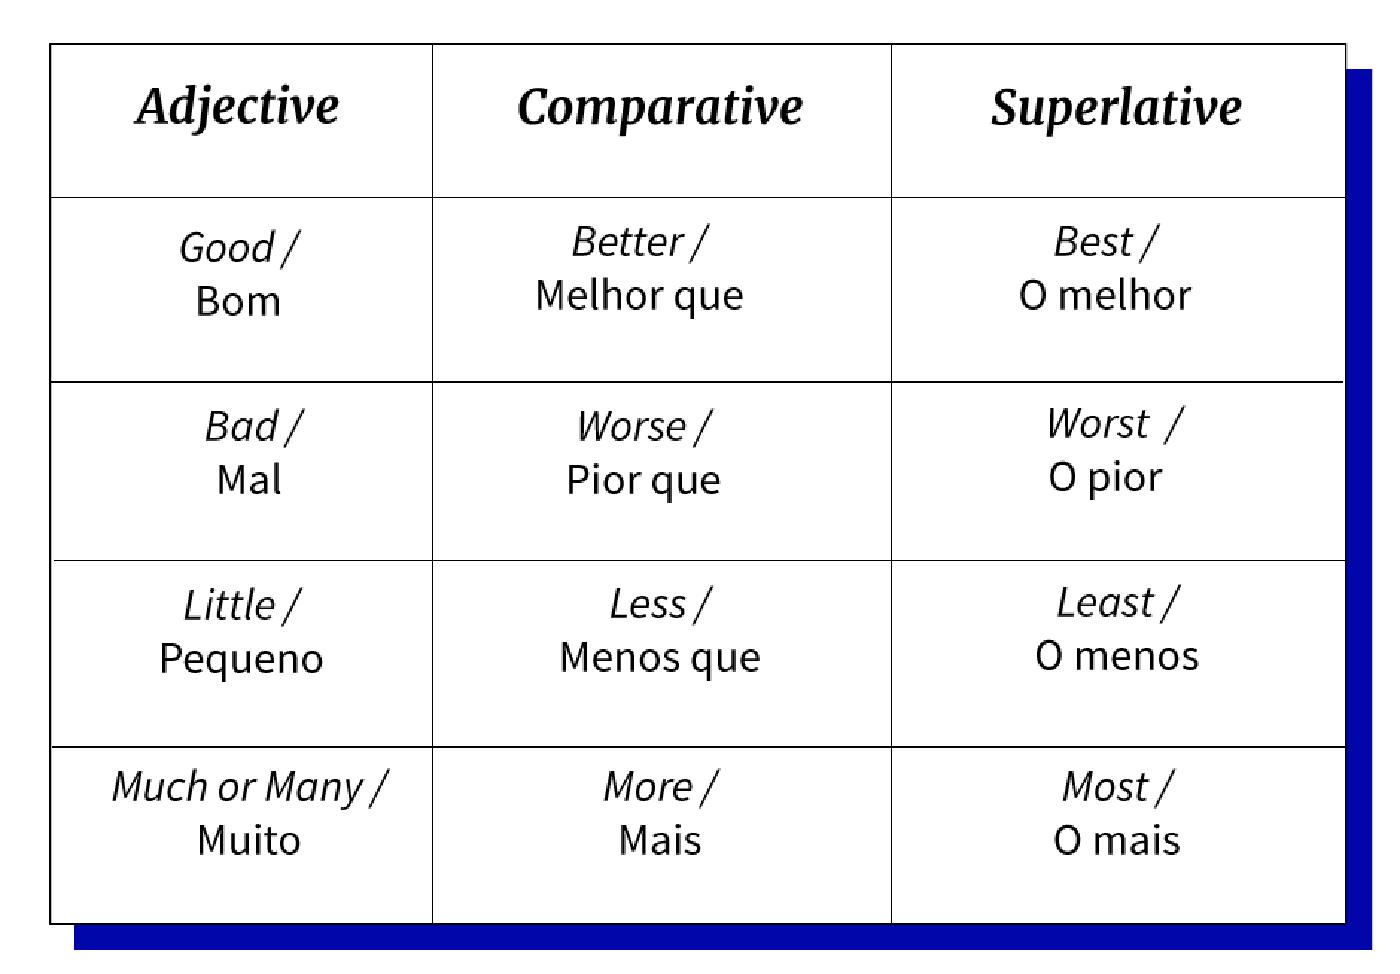 Imagem exemplo de adjetivos comparativos e superlativos que estão fora da norma.